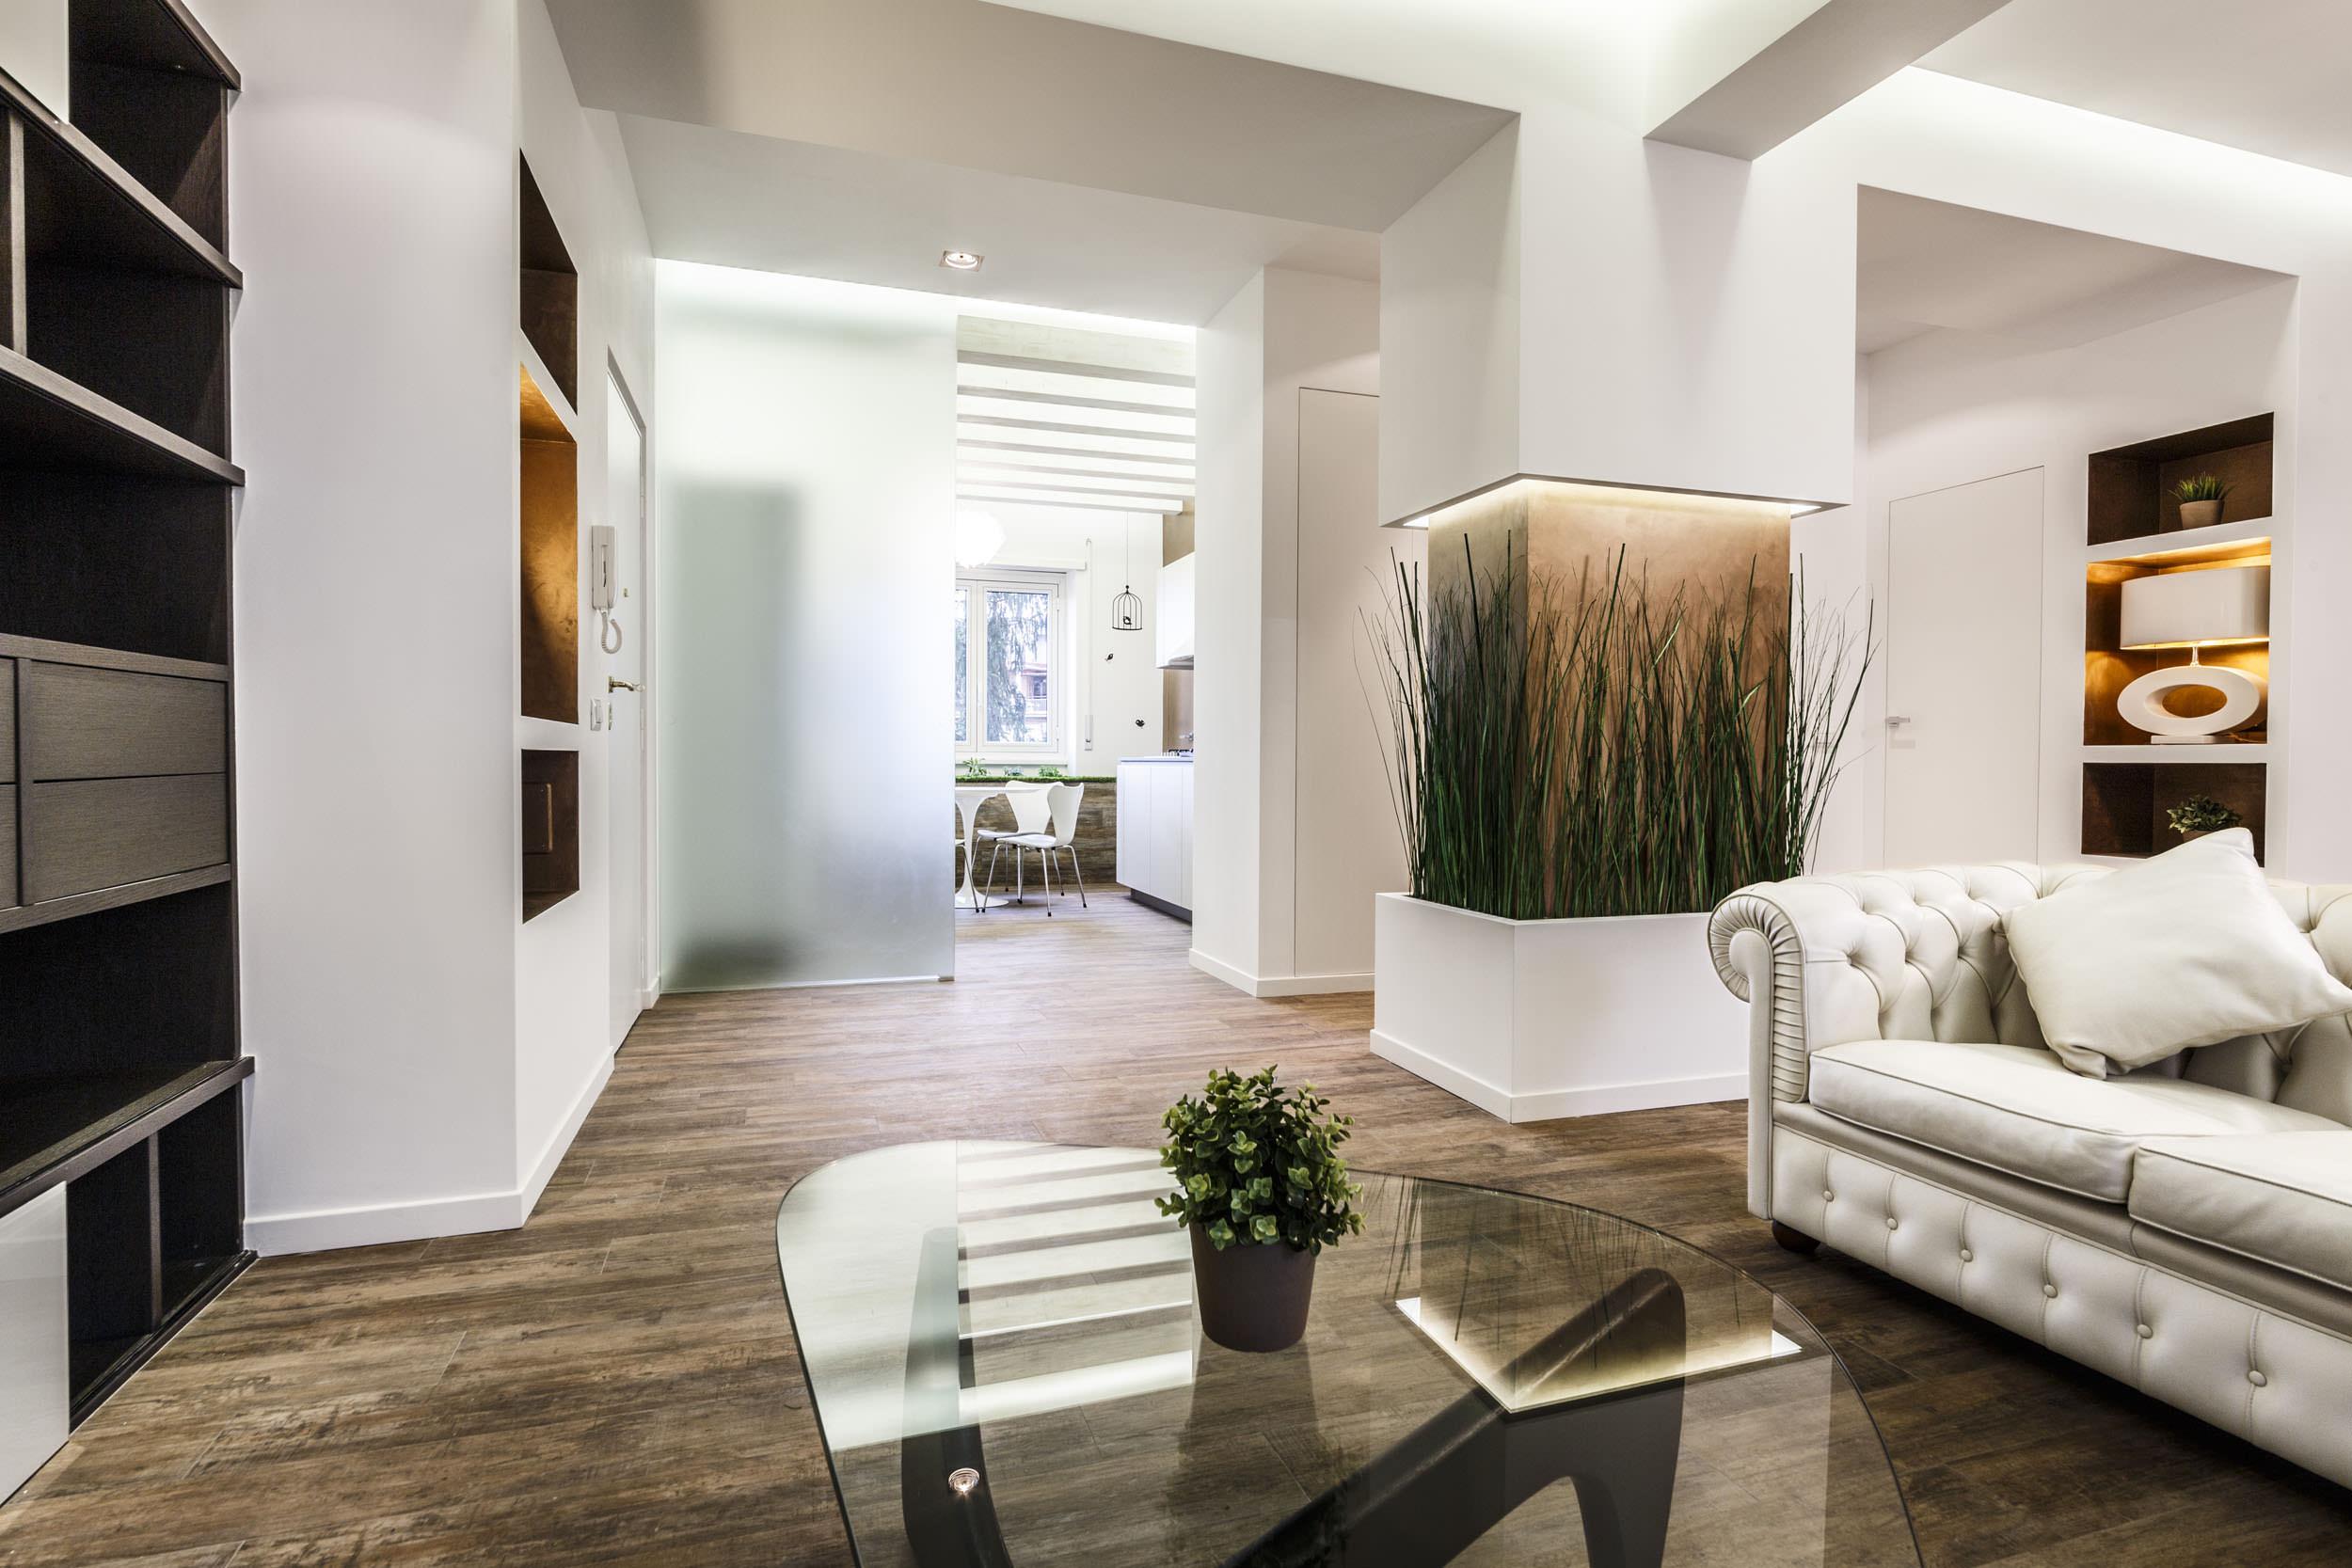 moderen-italianski-apartament-s-izobilie-ot-zelenina-1g